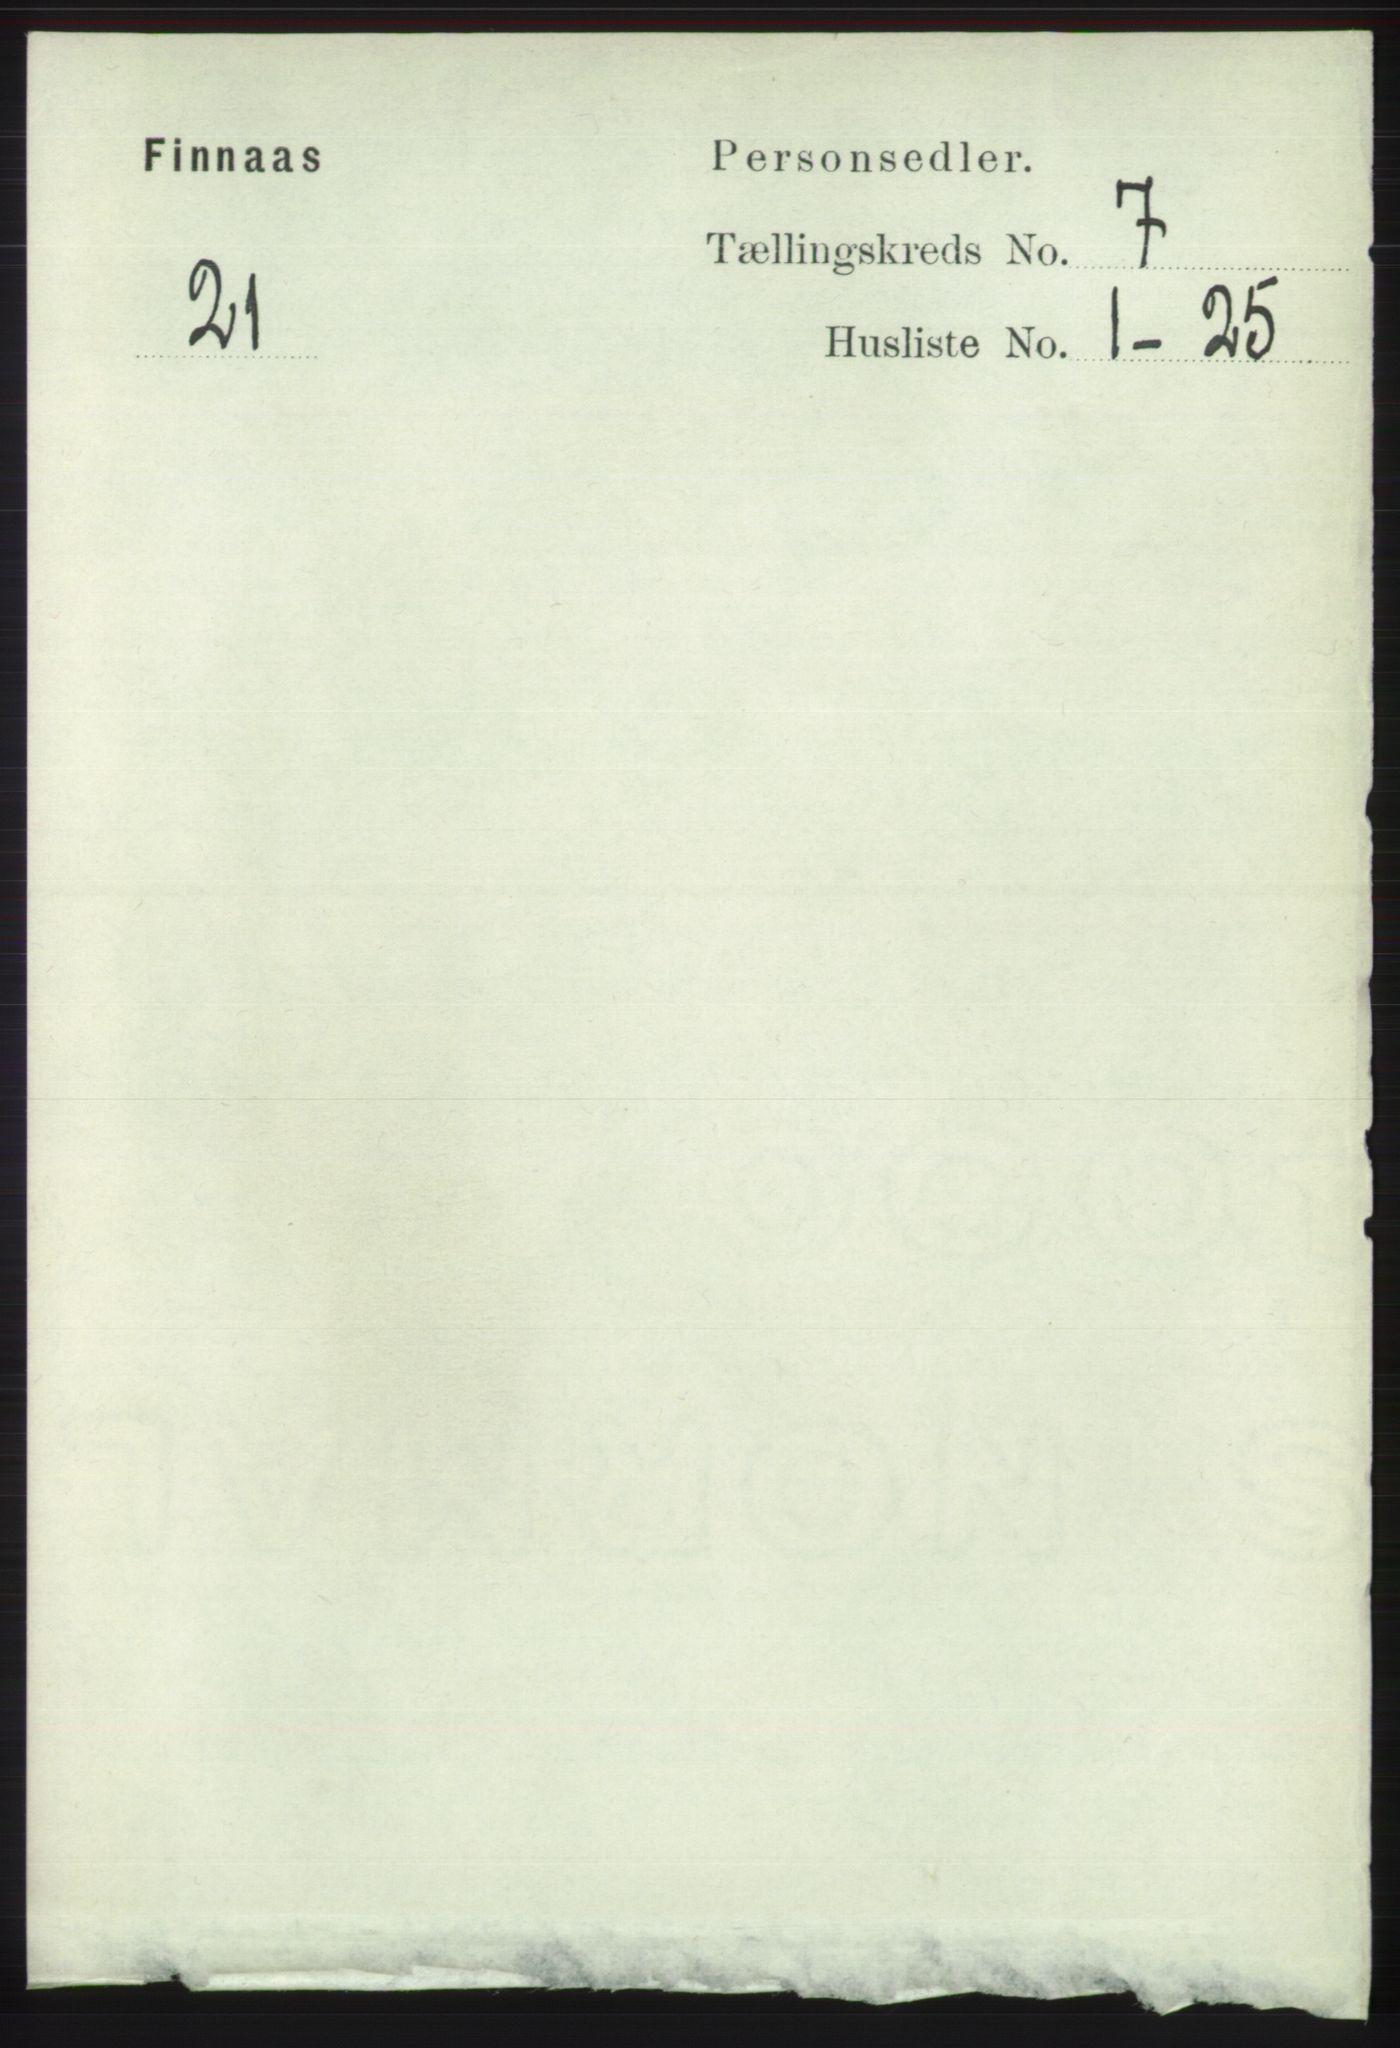 RA, Folketelling 1891 for 1218 Finnås herred, 1891, s. 2633